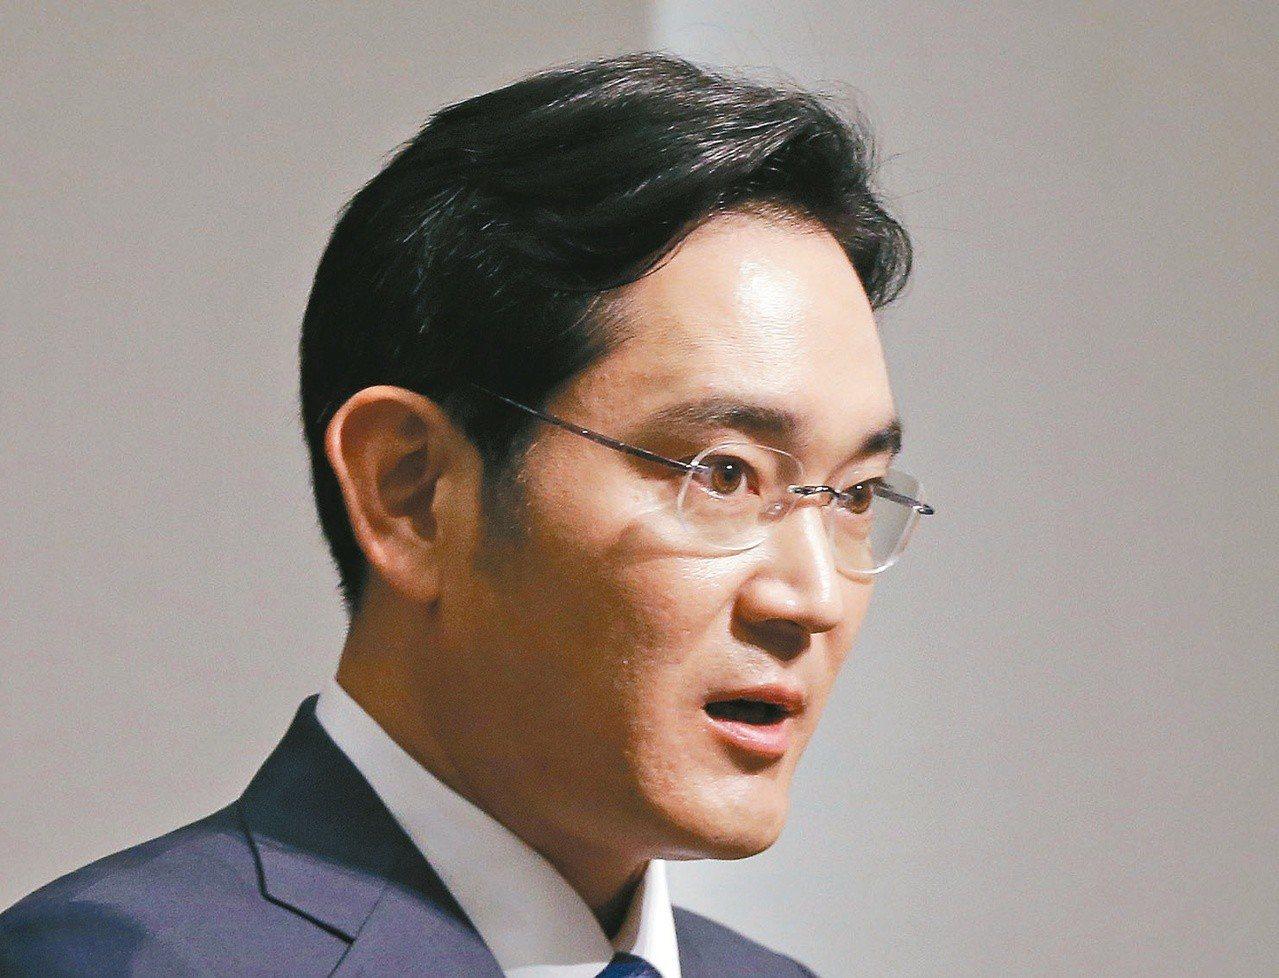 南韓三星電子副會長李在鎔表示,將持續投資第六代行動通訊(6G)及系統晶片。美聯社